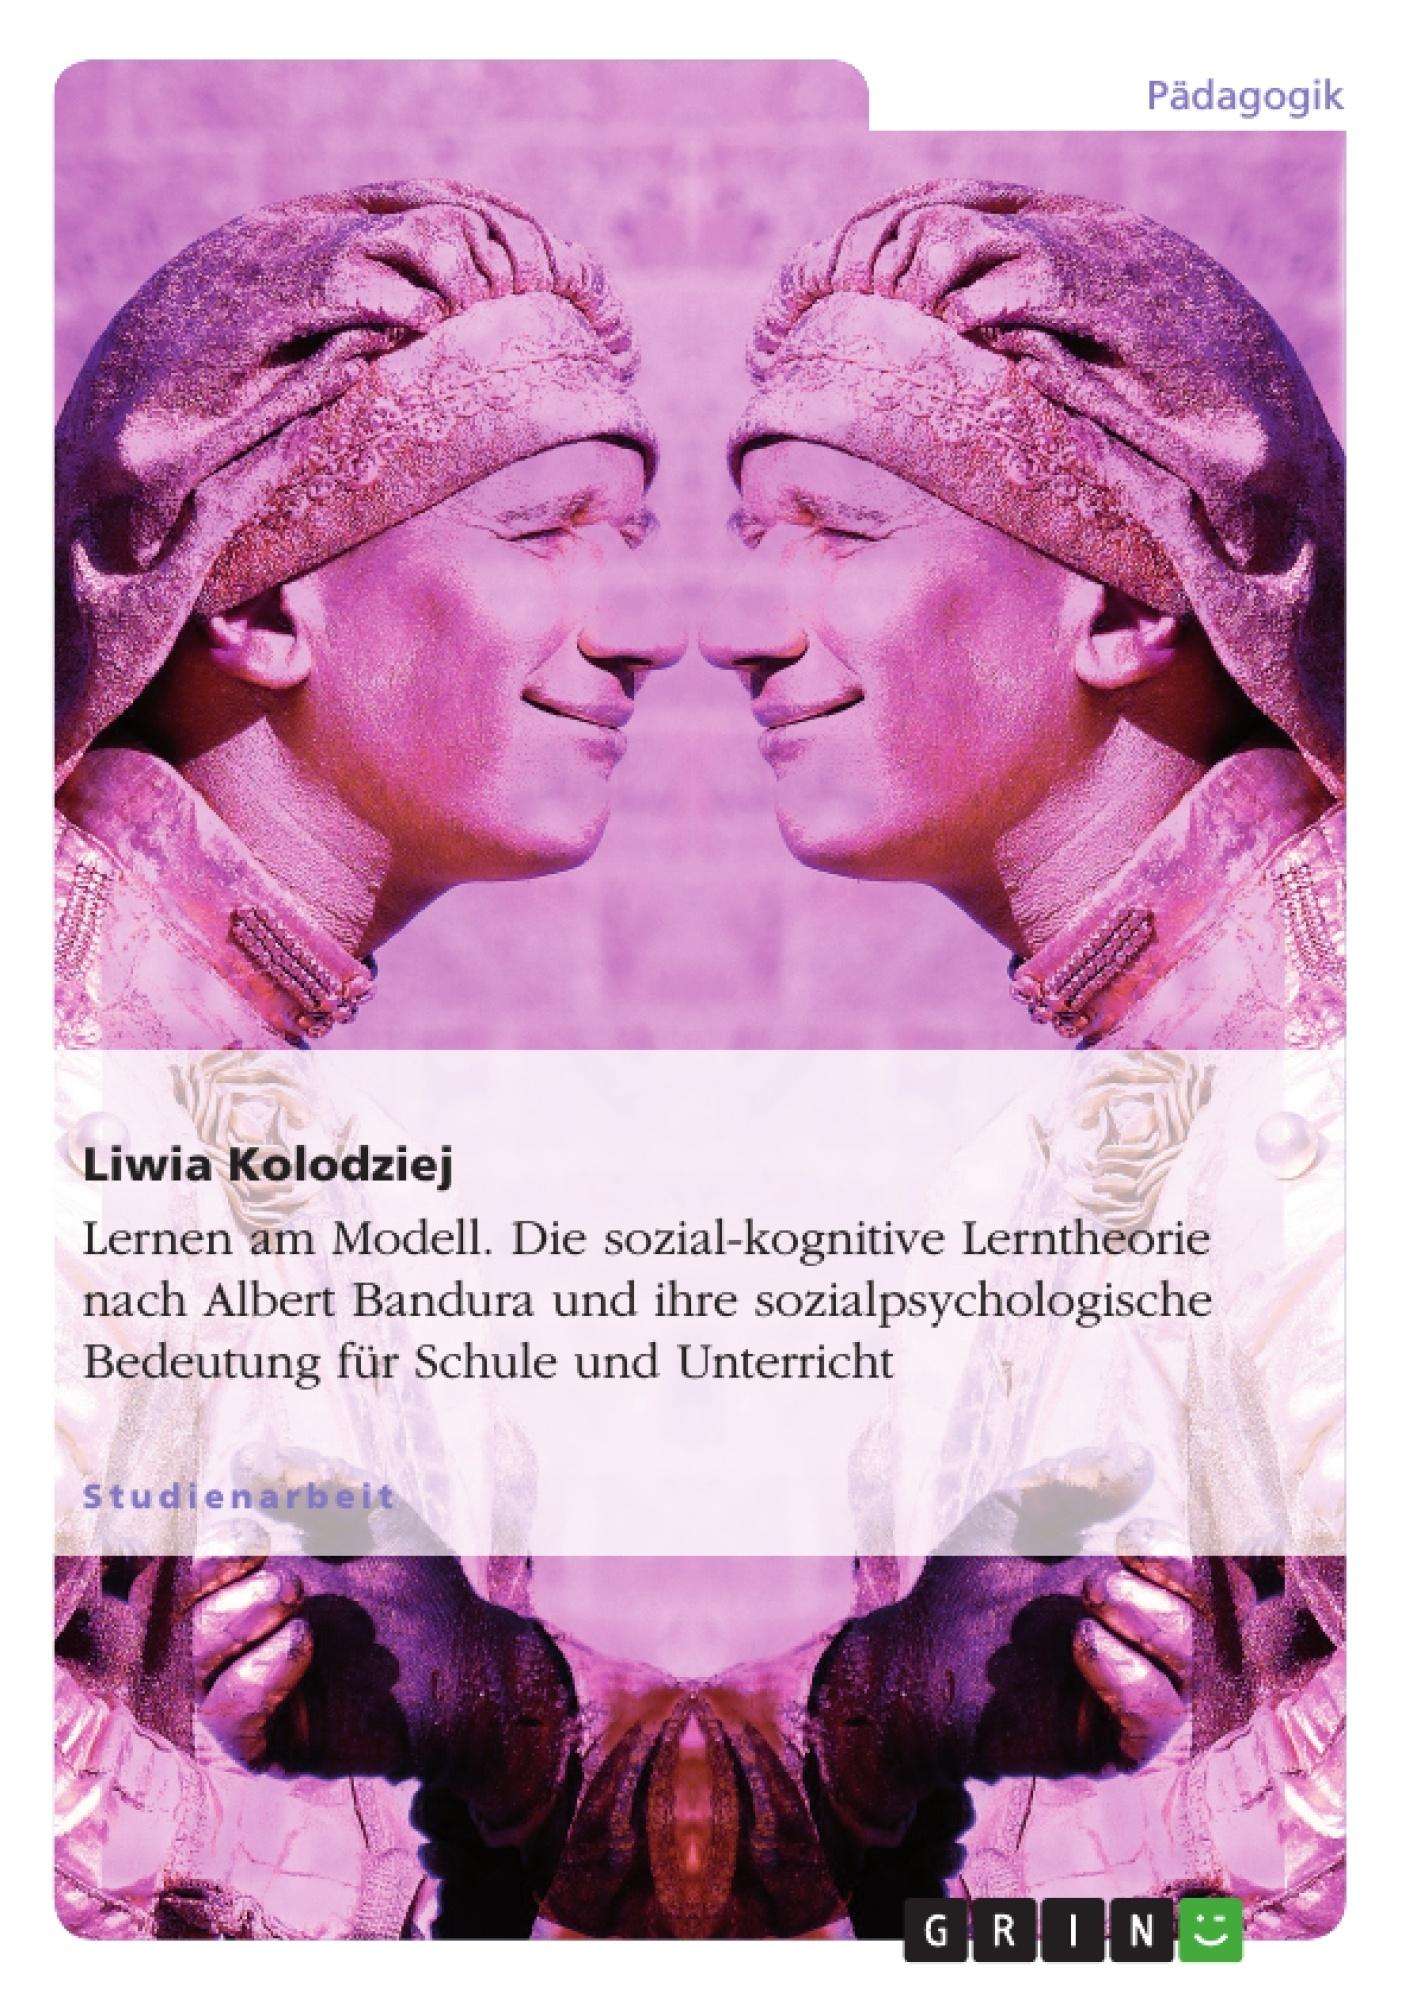 Titel: Lernen am Modell. Die sozial-kognitive Lerntheorie nach Albert Bandura und ihre sozialpsychologische Bedeutung für Schule und Unterricht